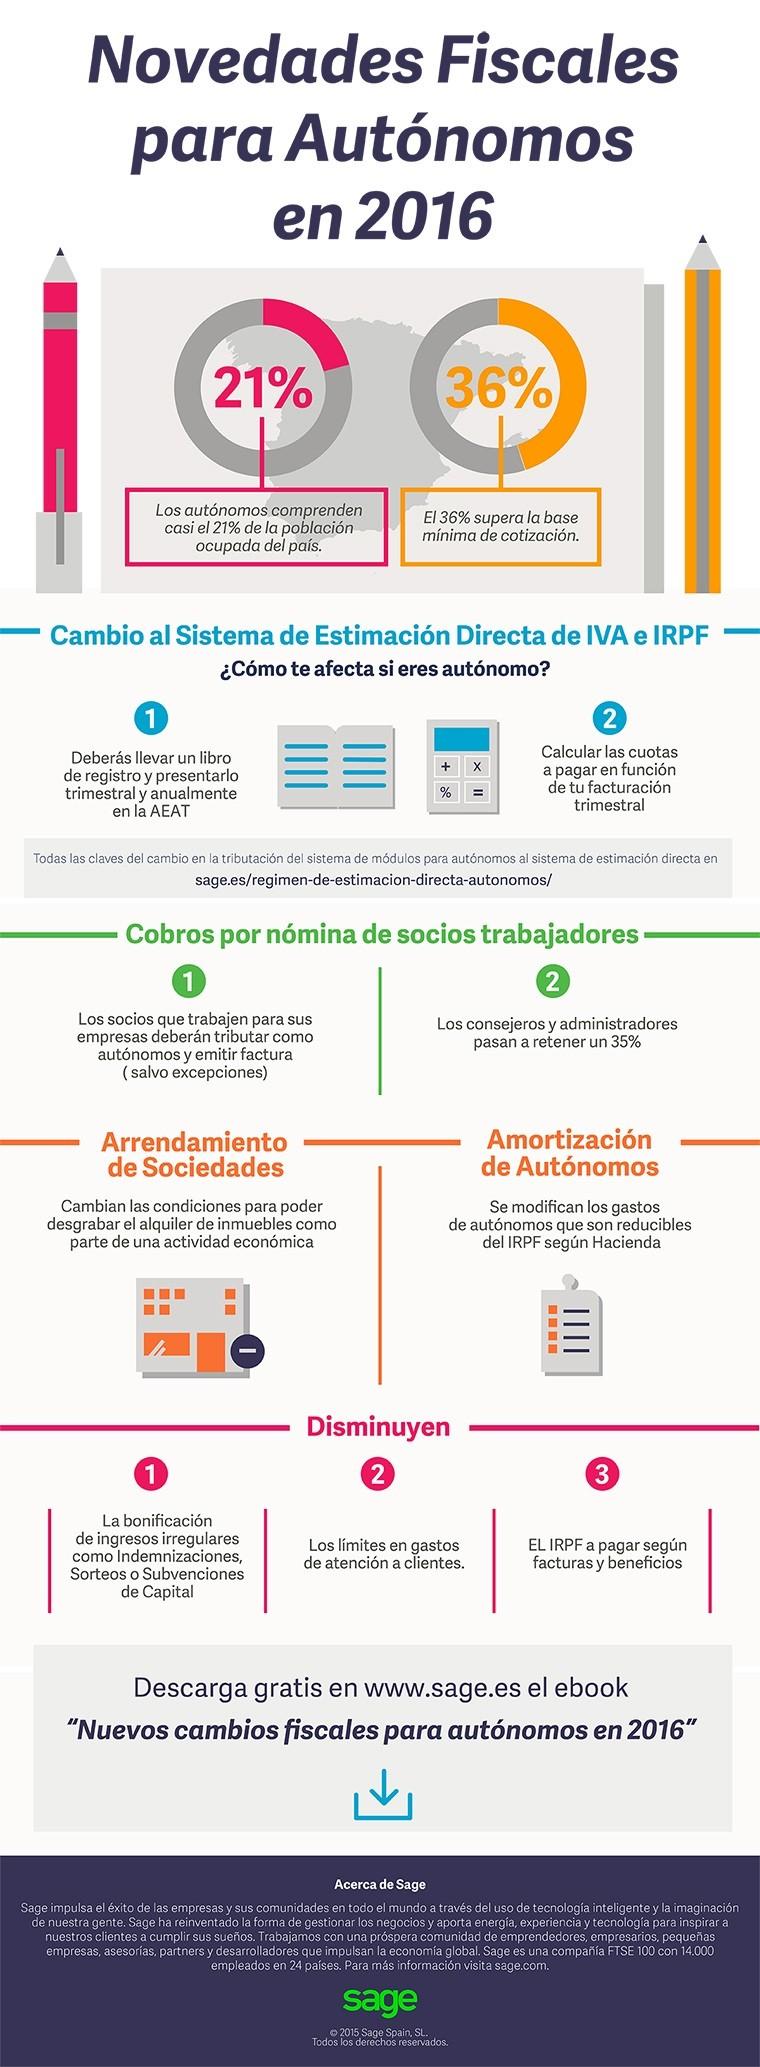 cambios-fiscales-para-autonomos-2016-infografia